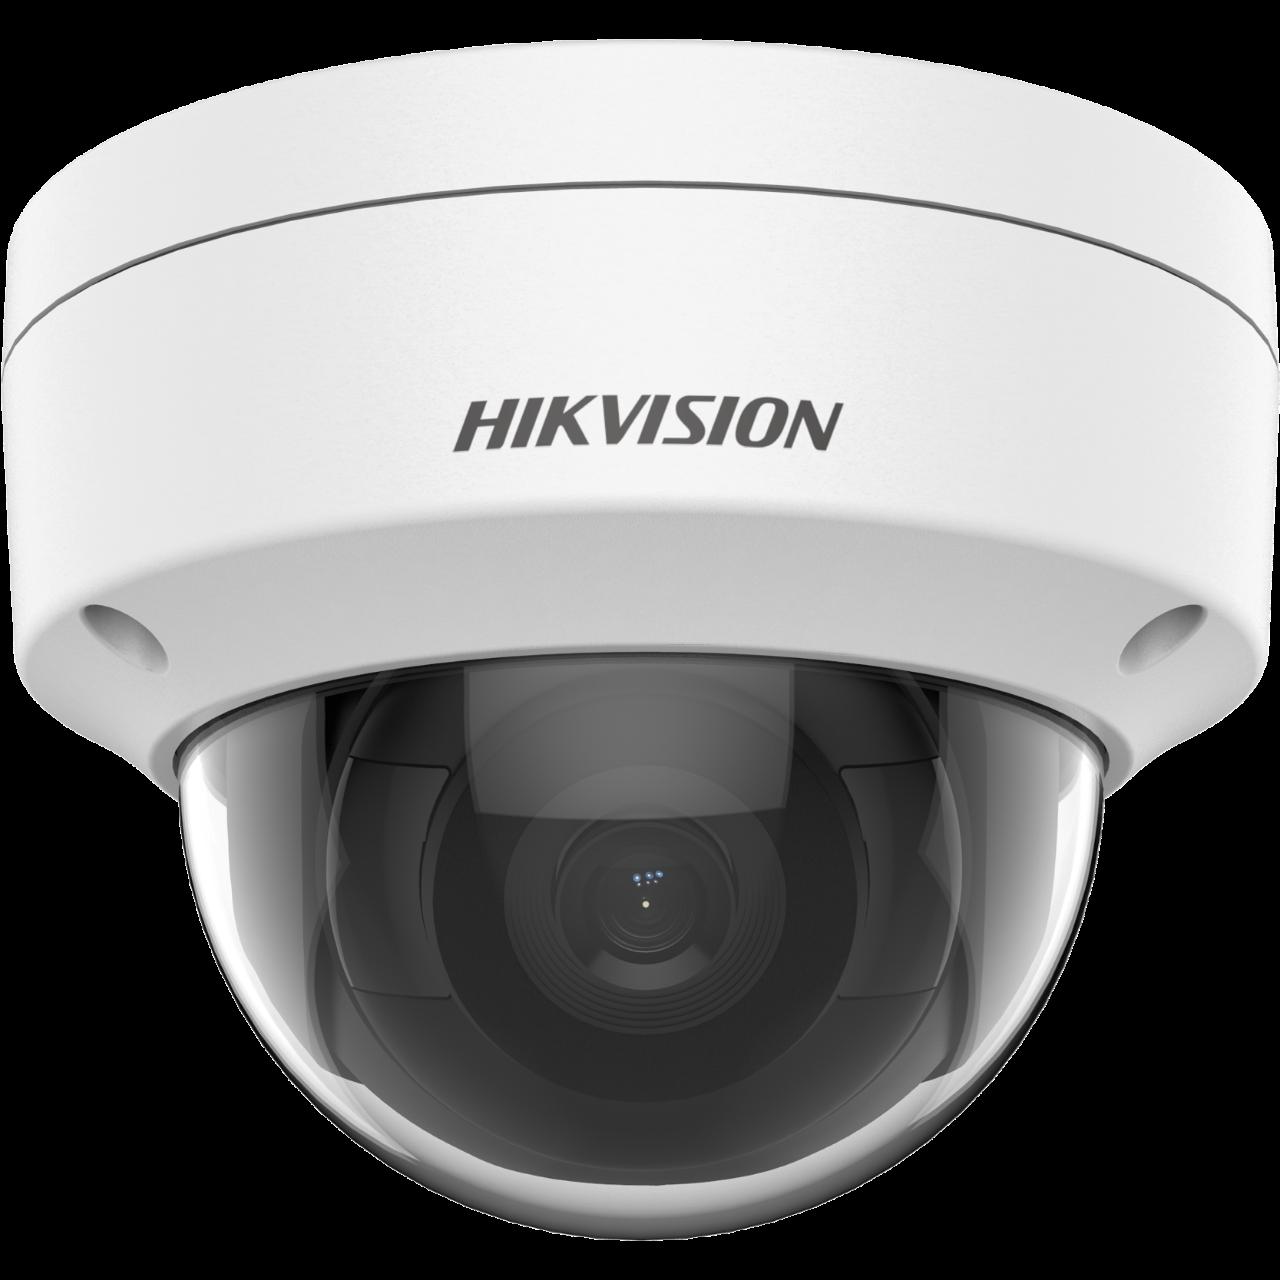 Εικόνα της DS-2CD1143G0-I(C)  4MP Fixed Dome IP 2.8mm Camera Hikvision